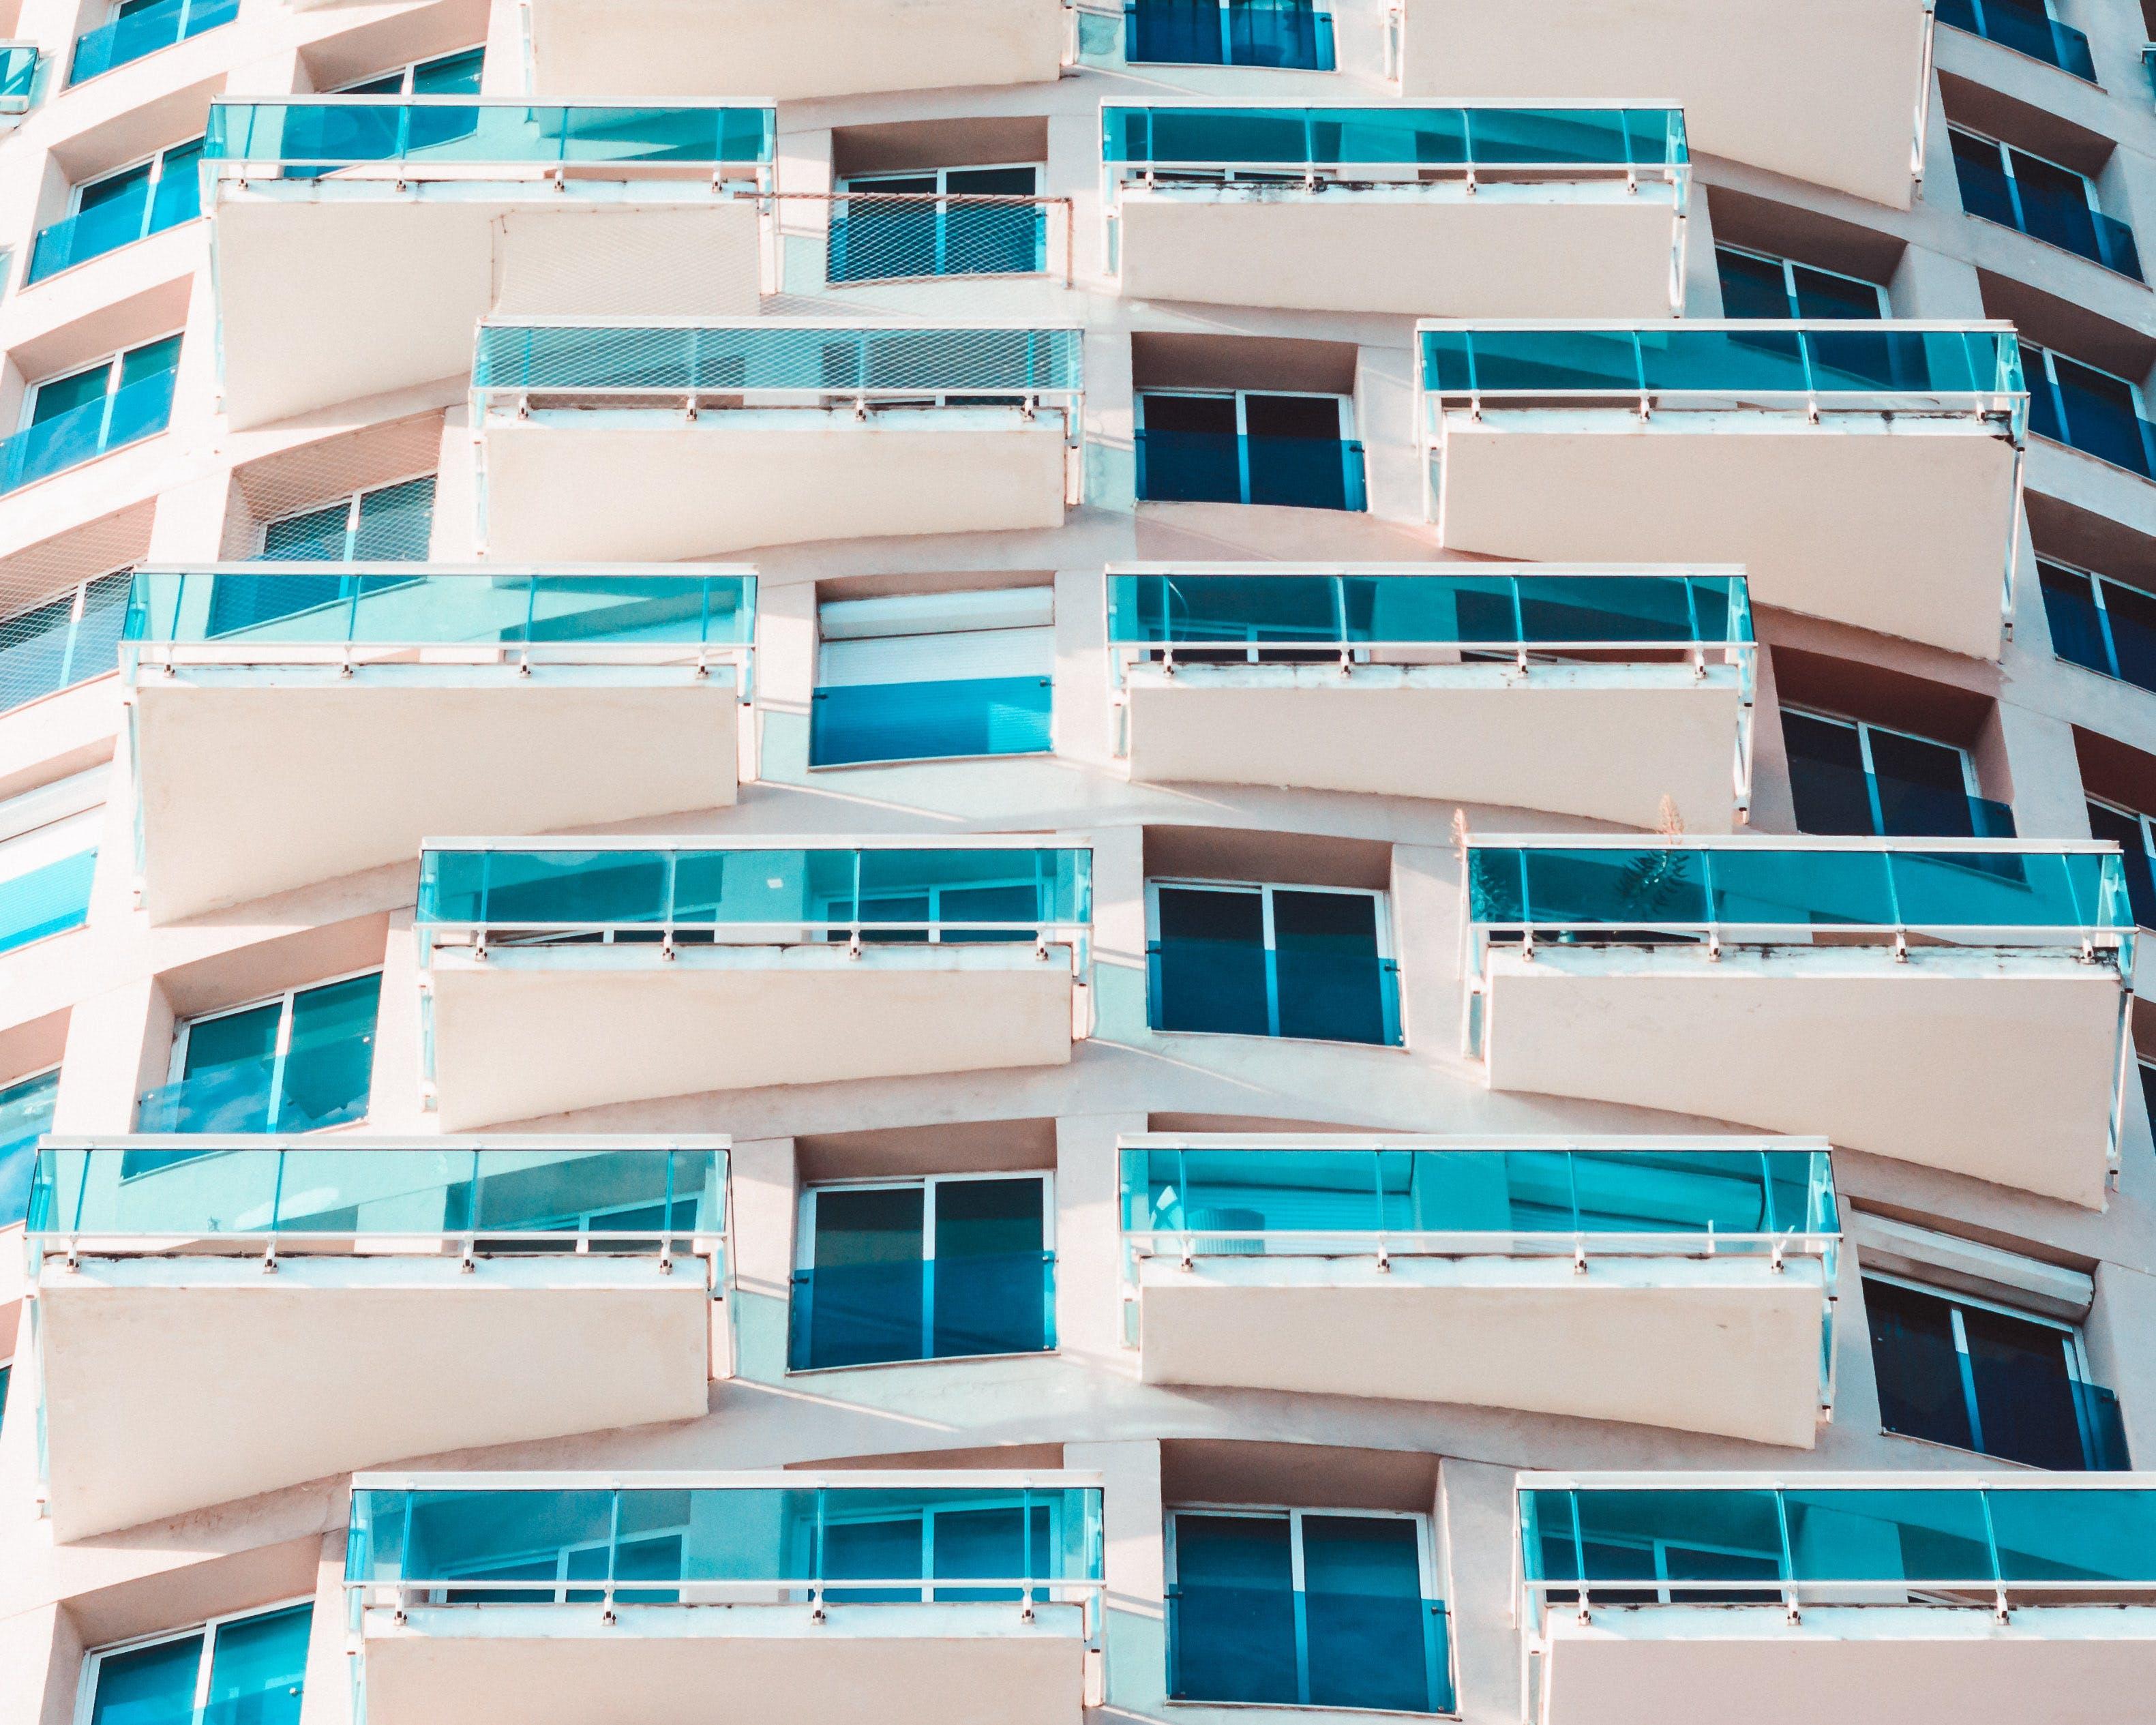 Δωρεάν στοκ φωτογραφιών με αρχιτεκτονική, αρχιτεκτονικό σχέδιο, αστικός, ατσάλι